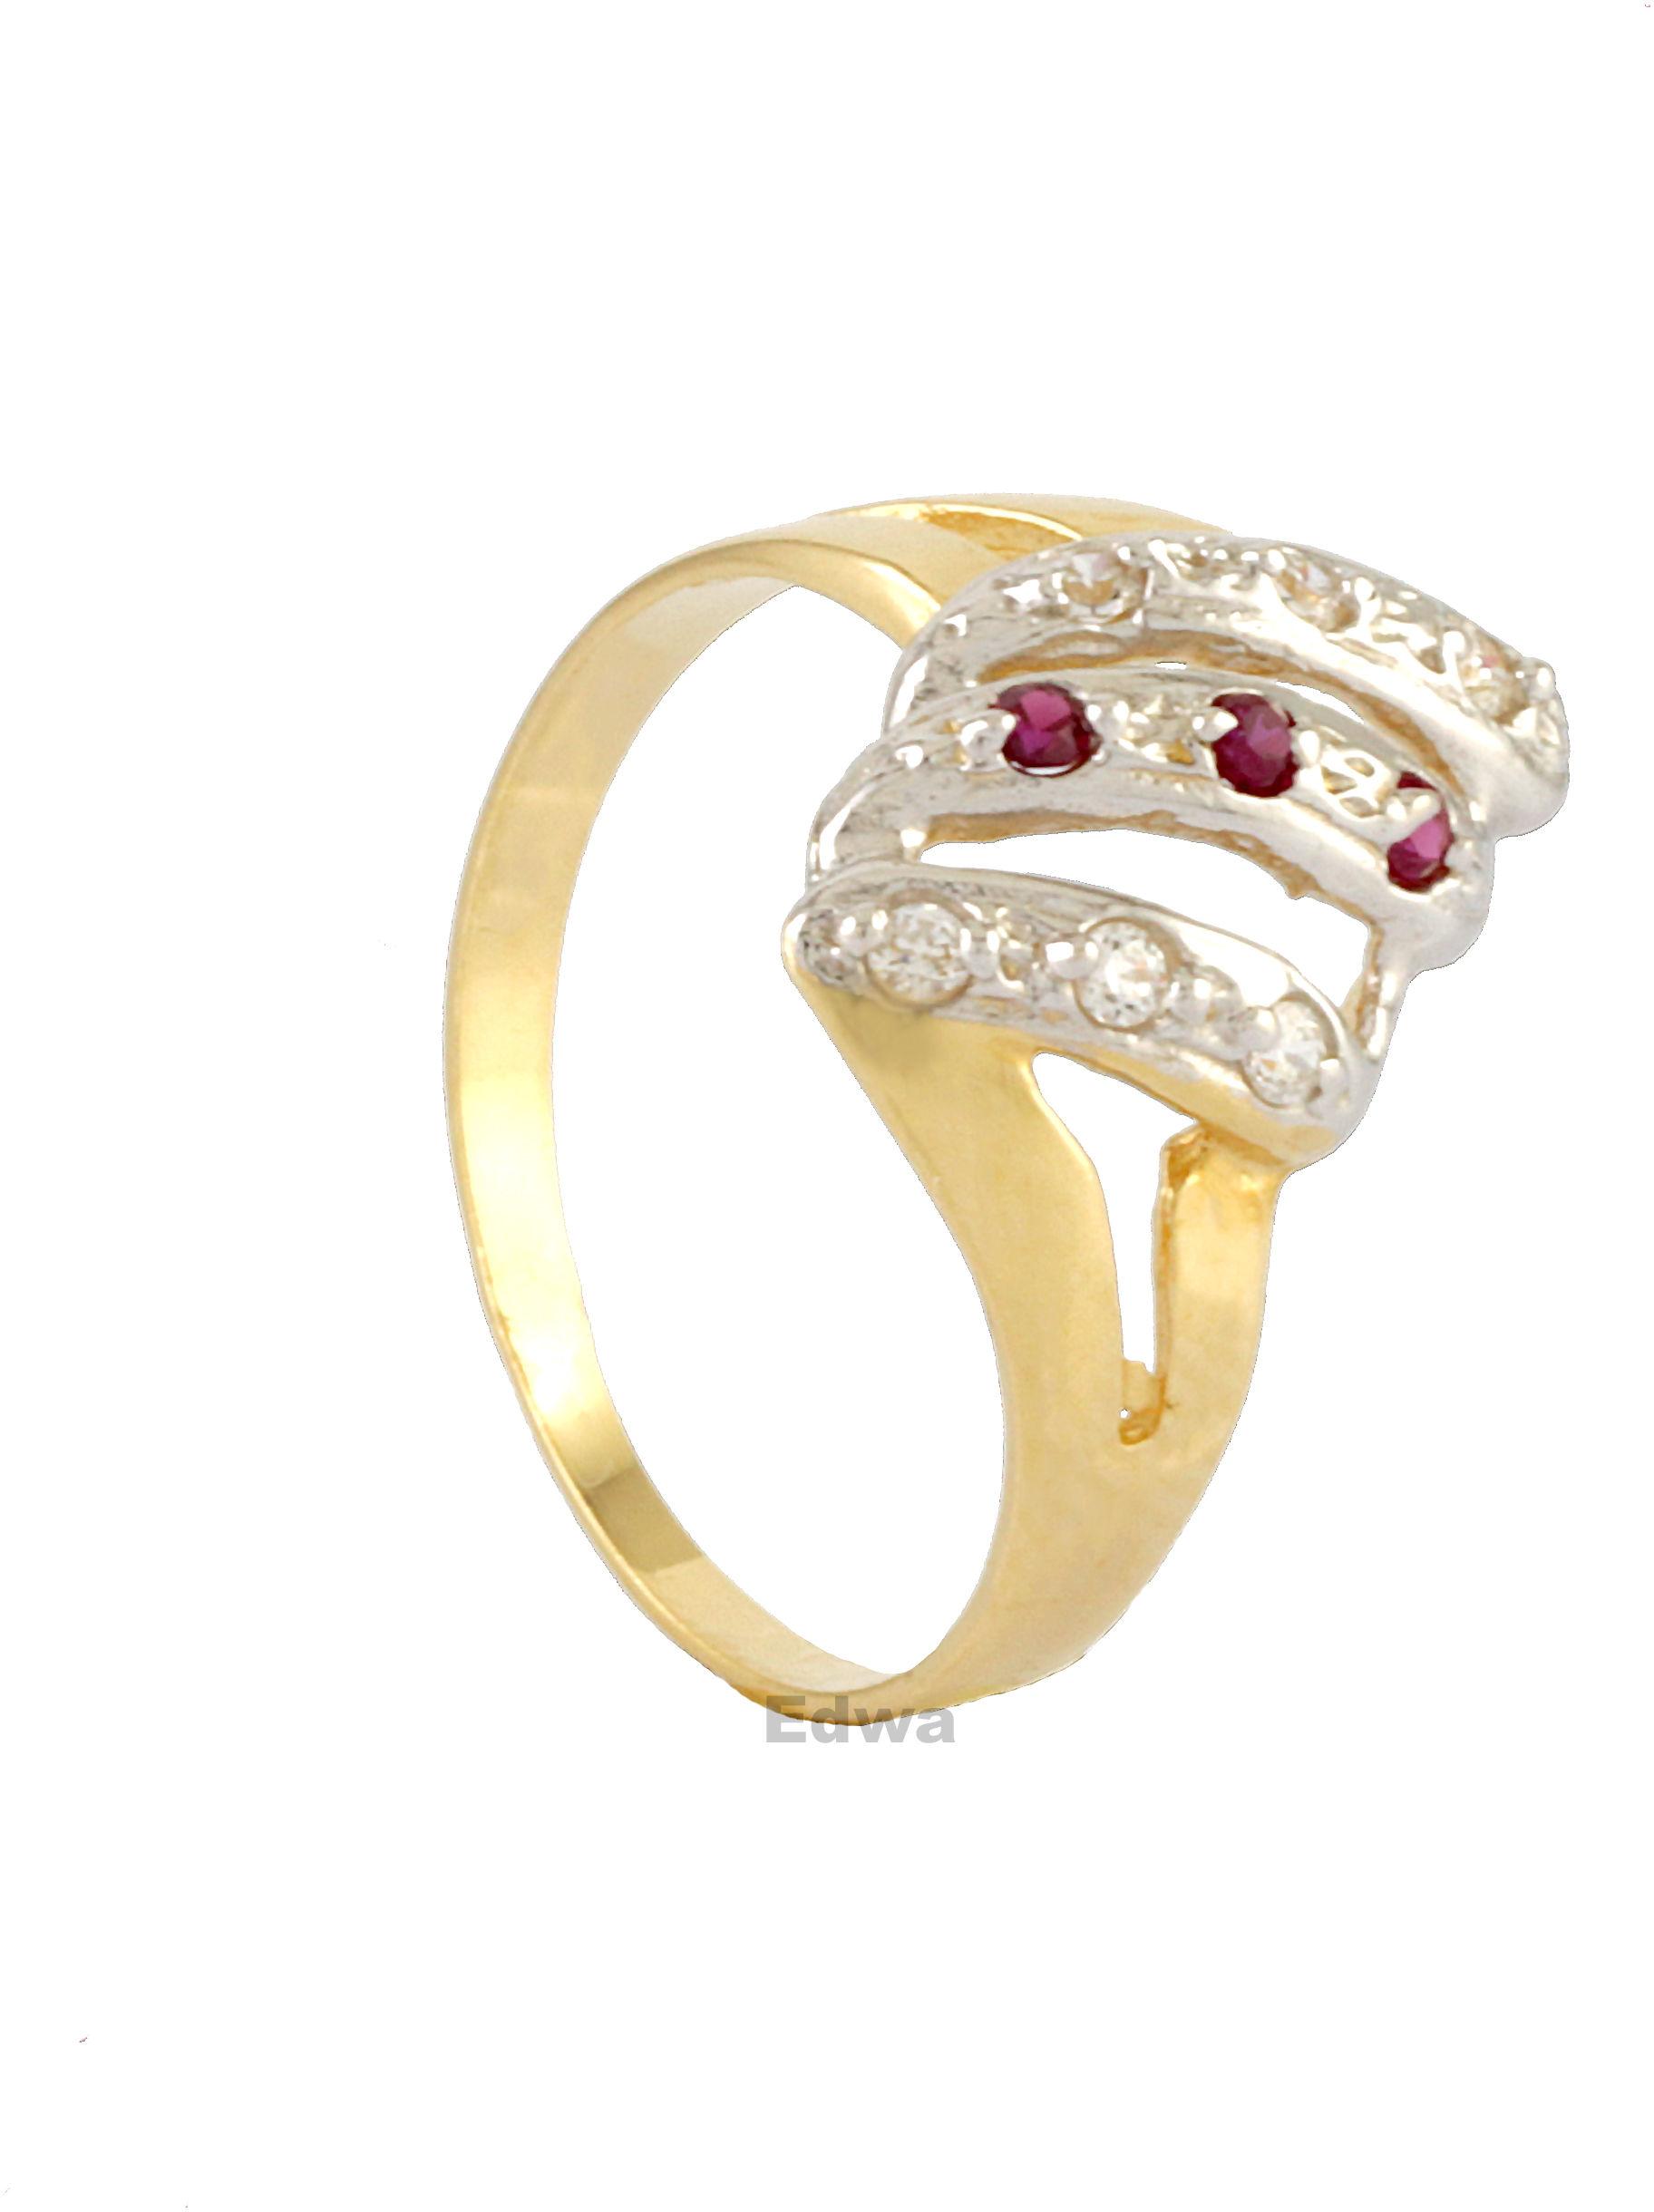 Pierścionek złoty z rubinami i cyrkoniami w białym złocie pr.585 roz.11